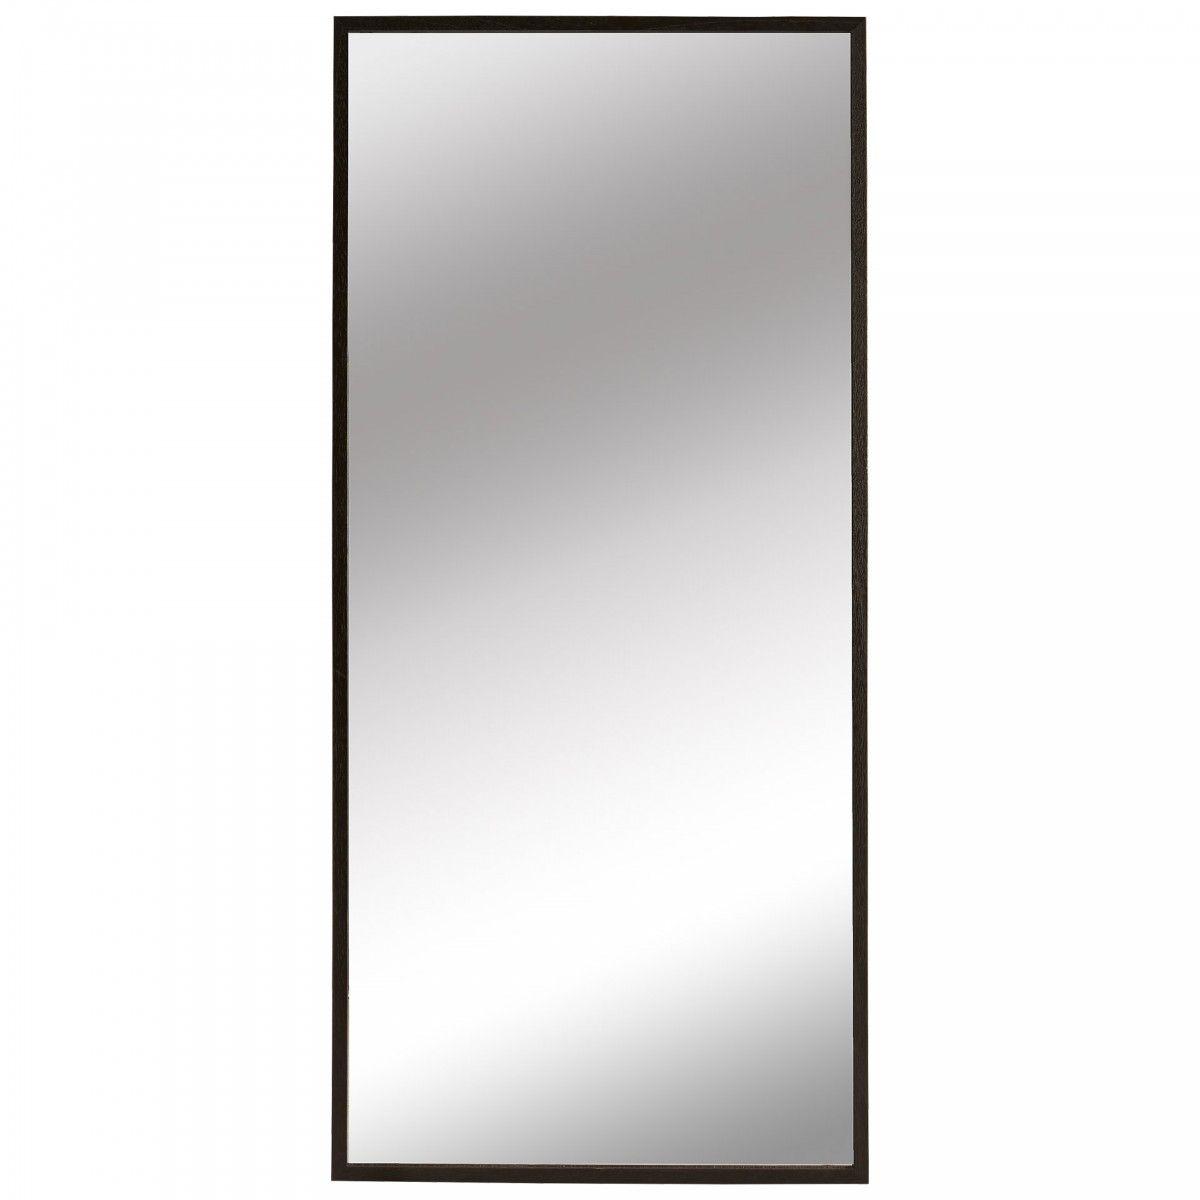 Spiegel Sommersted 68x152 Schwarz In 2020 Spiegel Schwarzer Spiegel Schwarze Rahmen